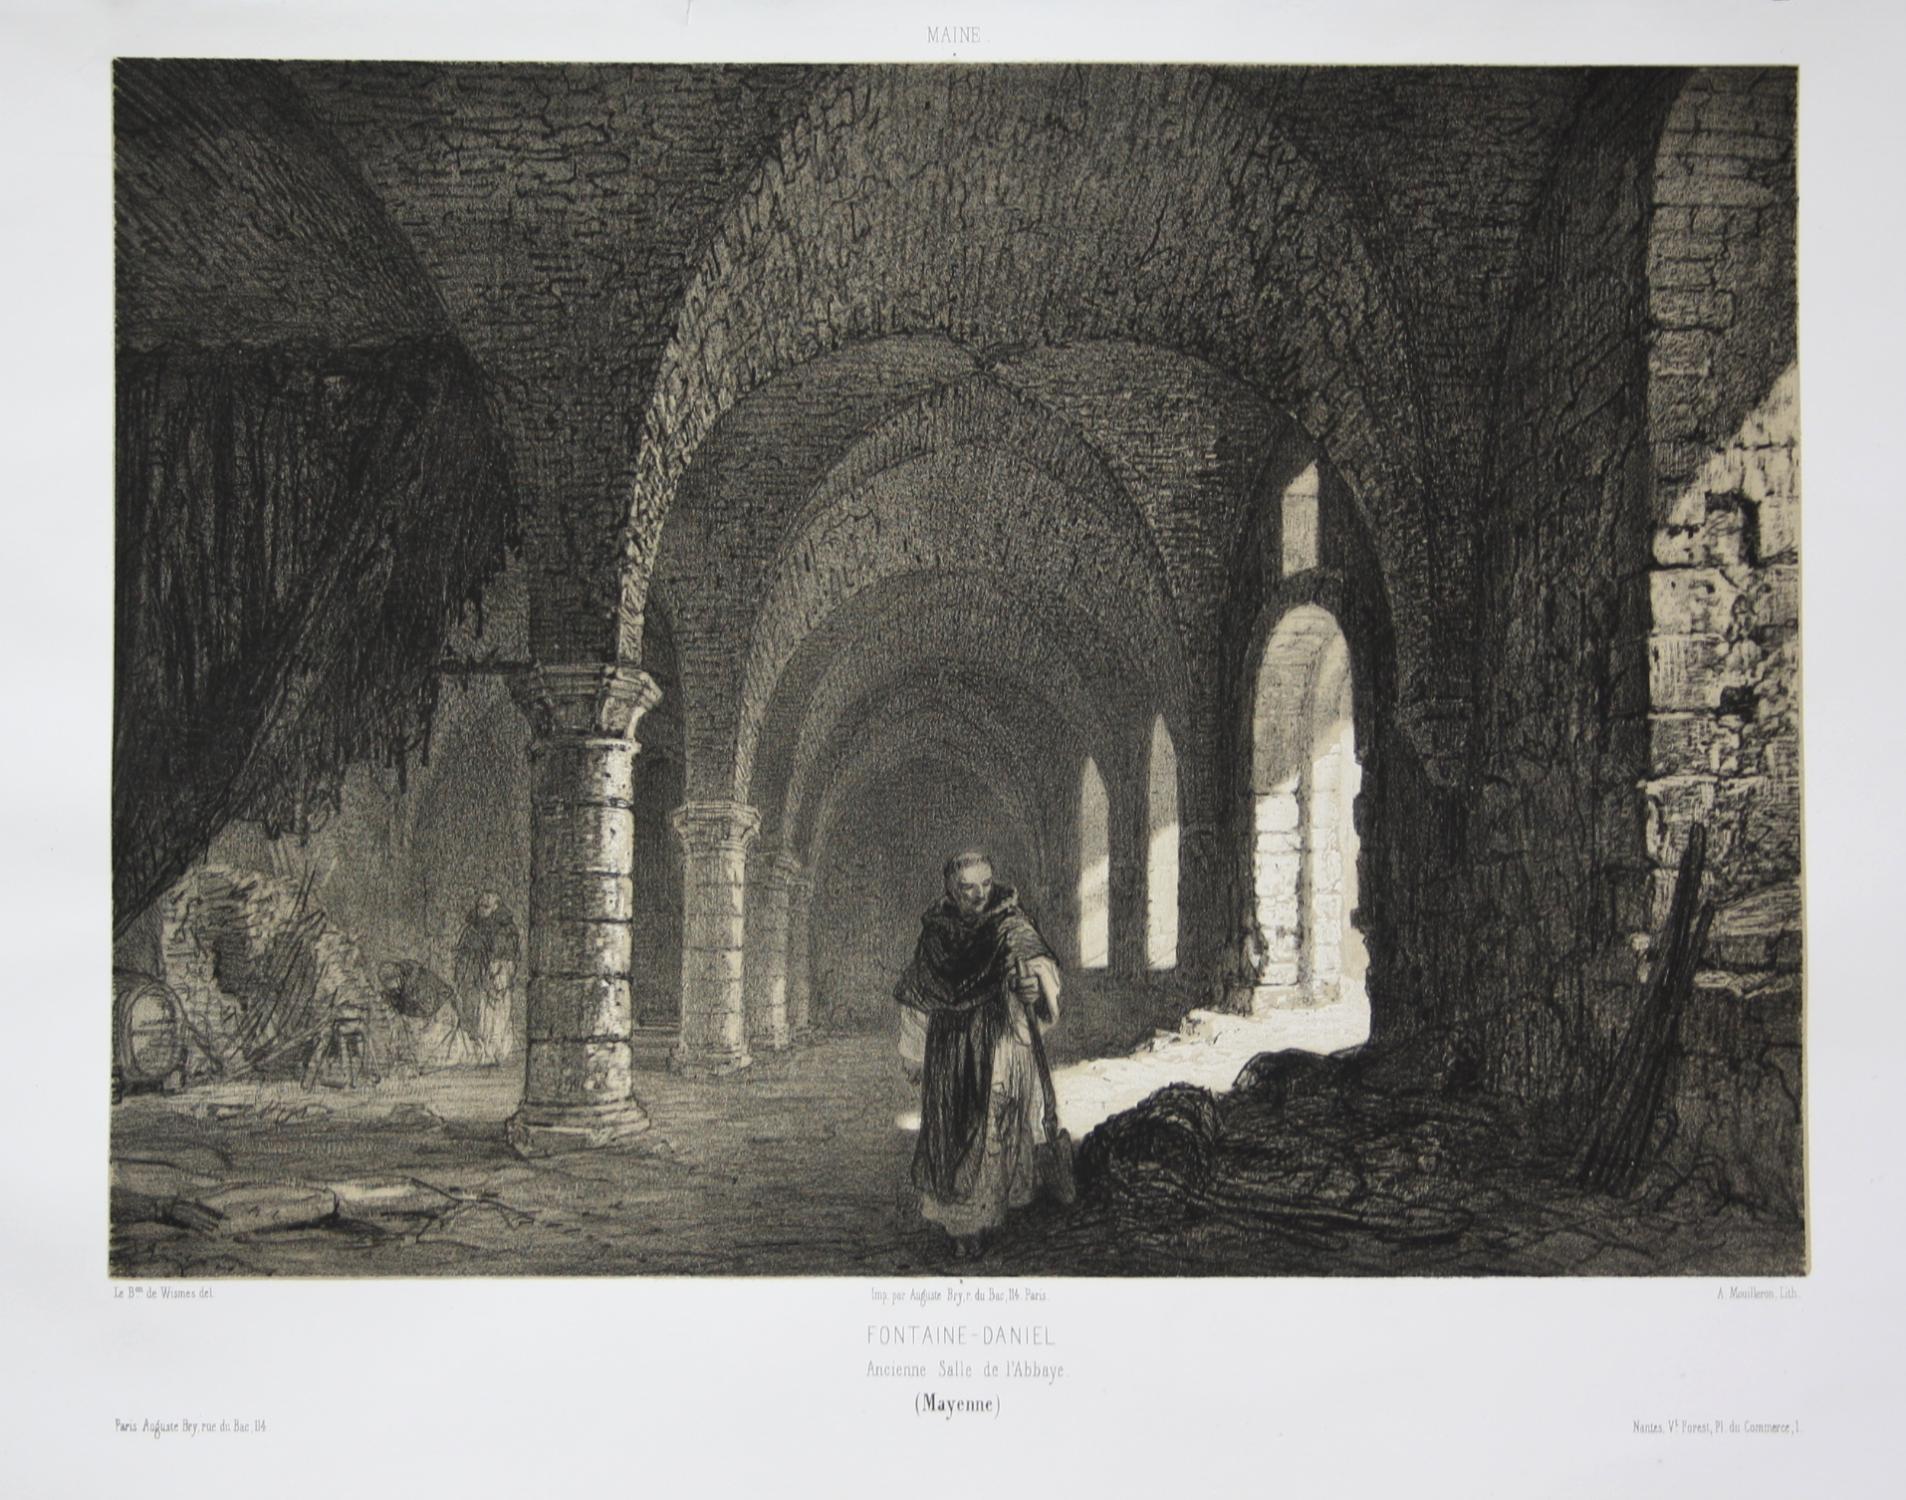 Fontaine-Daniel / Ancienne Salle de l'Abbaye /: Wismes, Olivier de